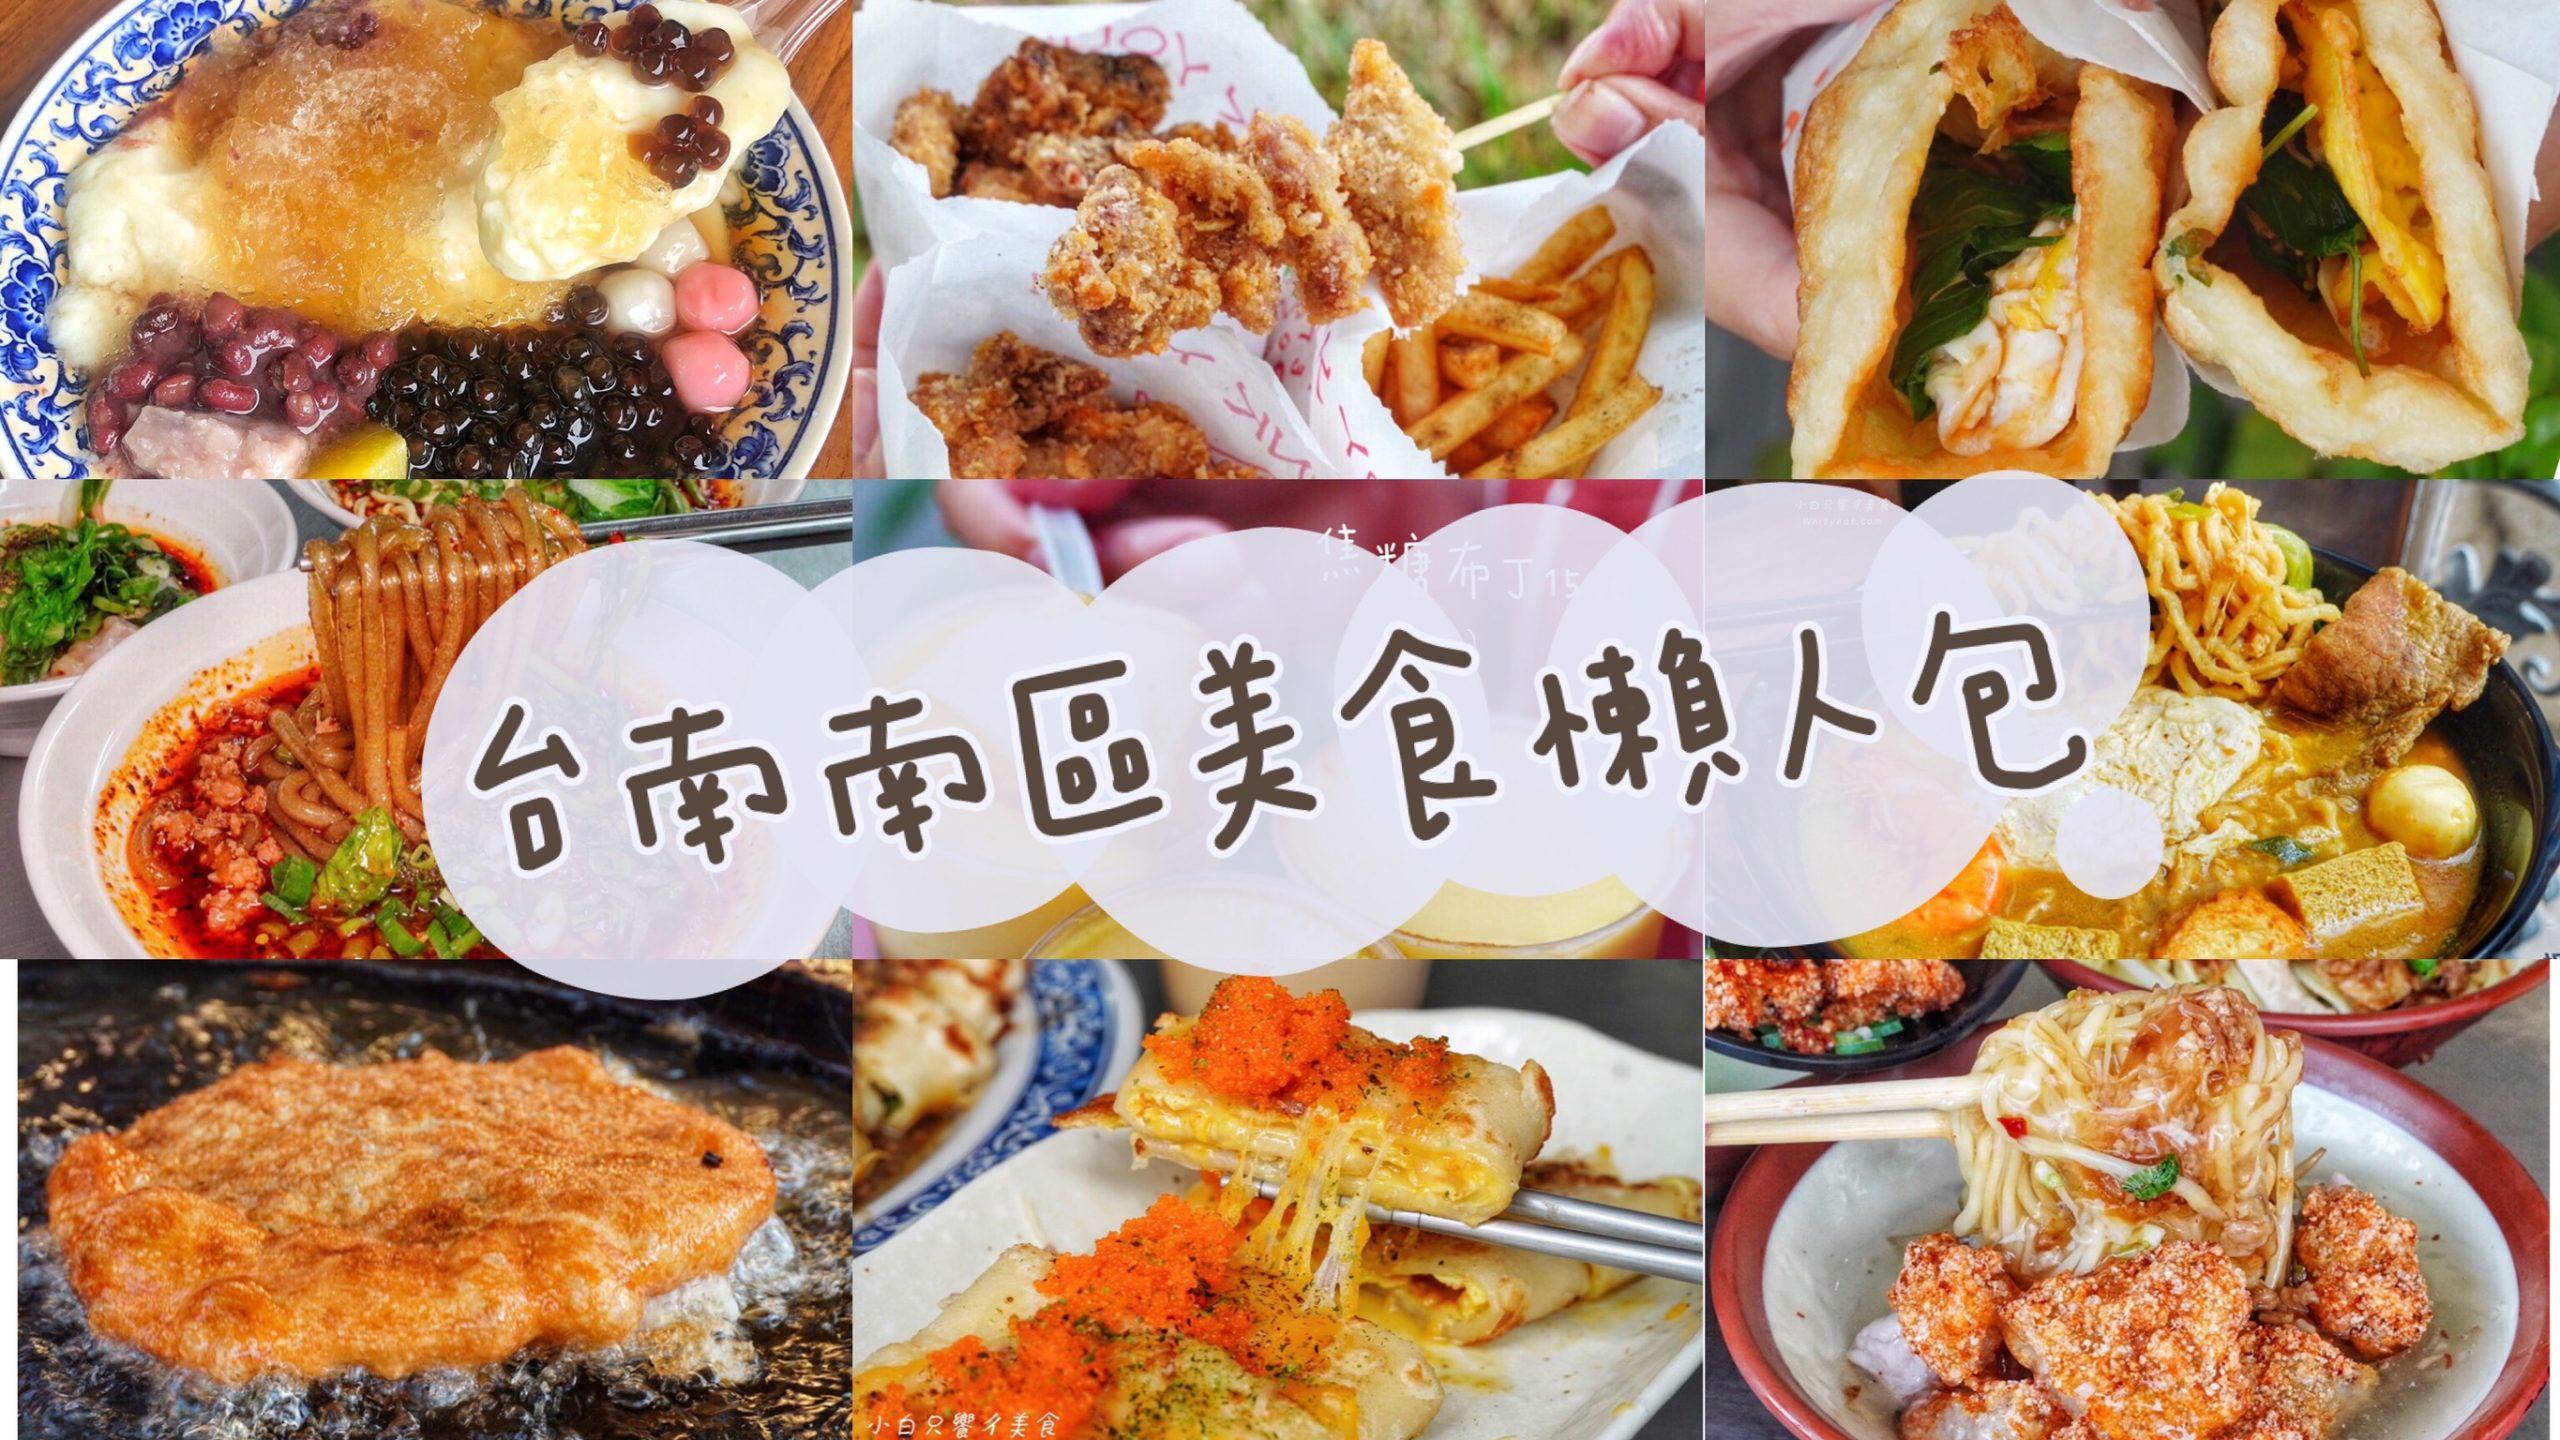 台南南區美食懶人包!10元蔥油餅/20元脆肉 超便宜台南小吃報你知